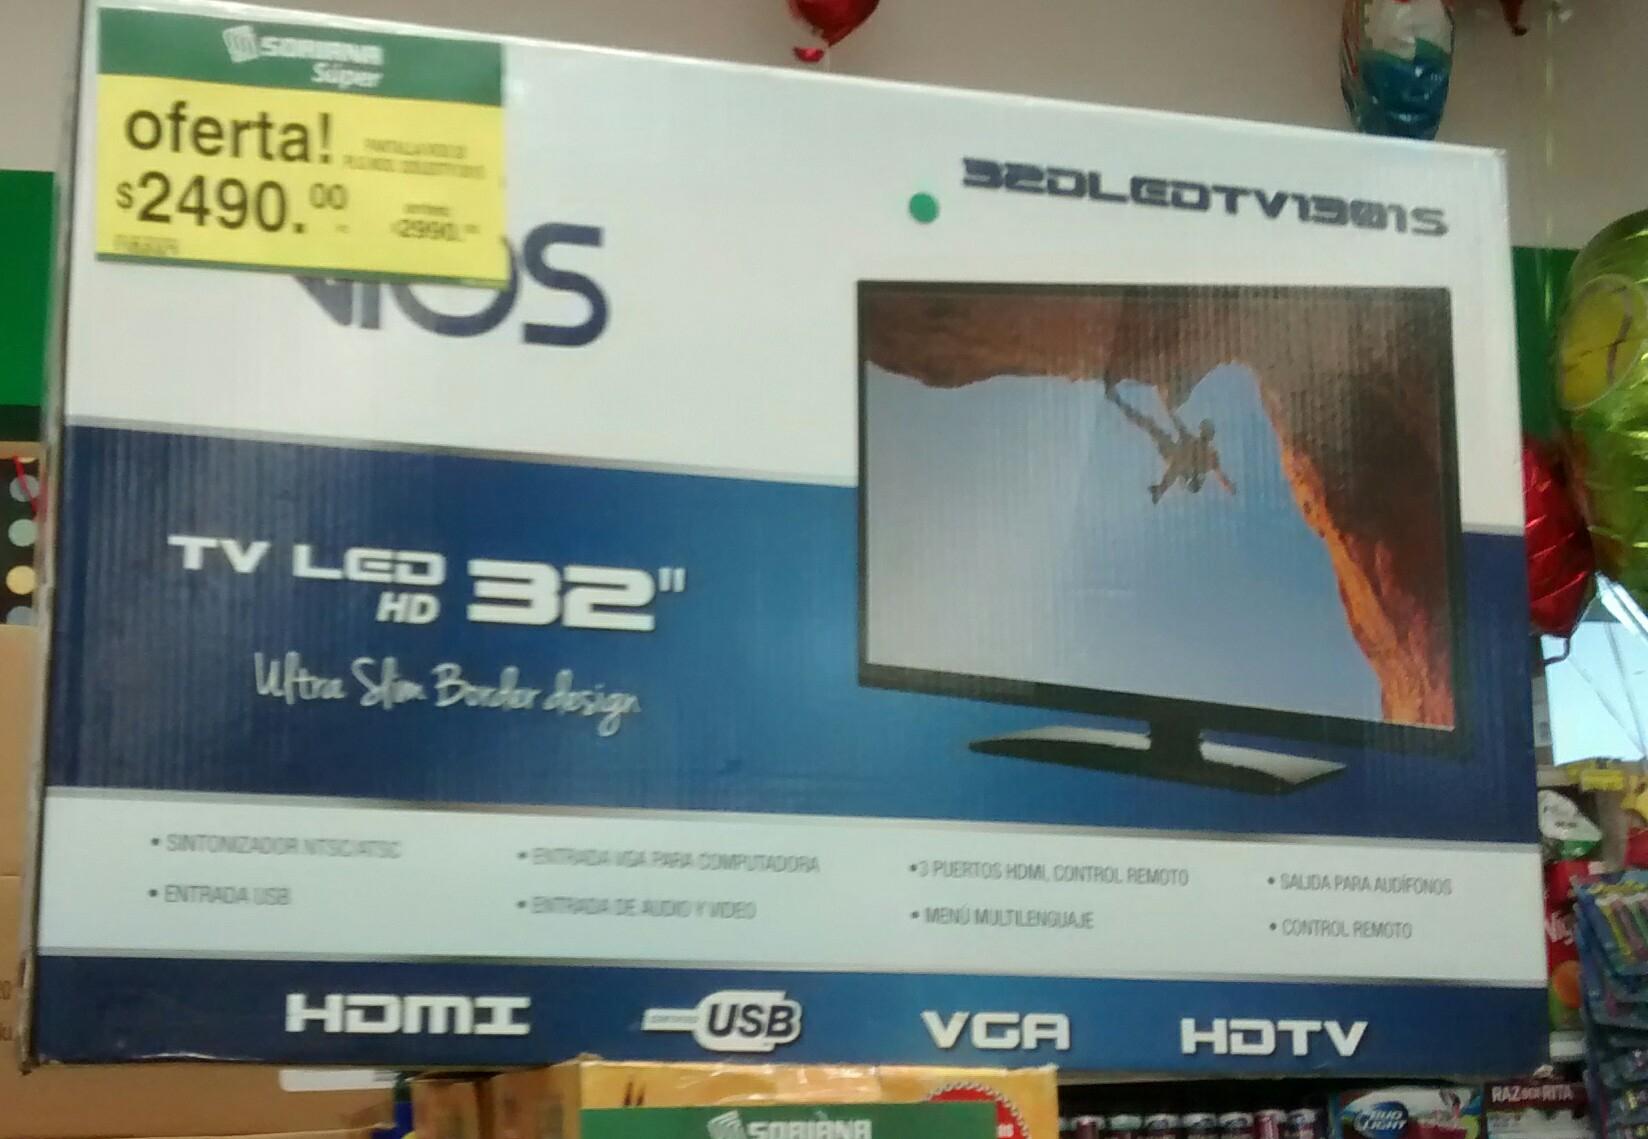 Soriana: Tv LED Vios 32 pulgadas a $2,490